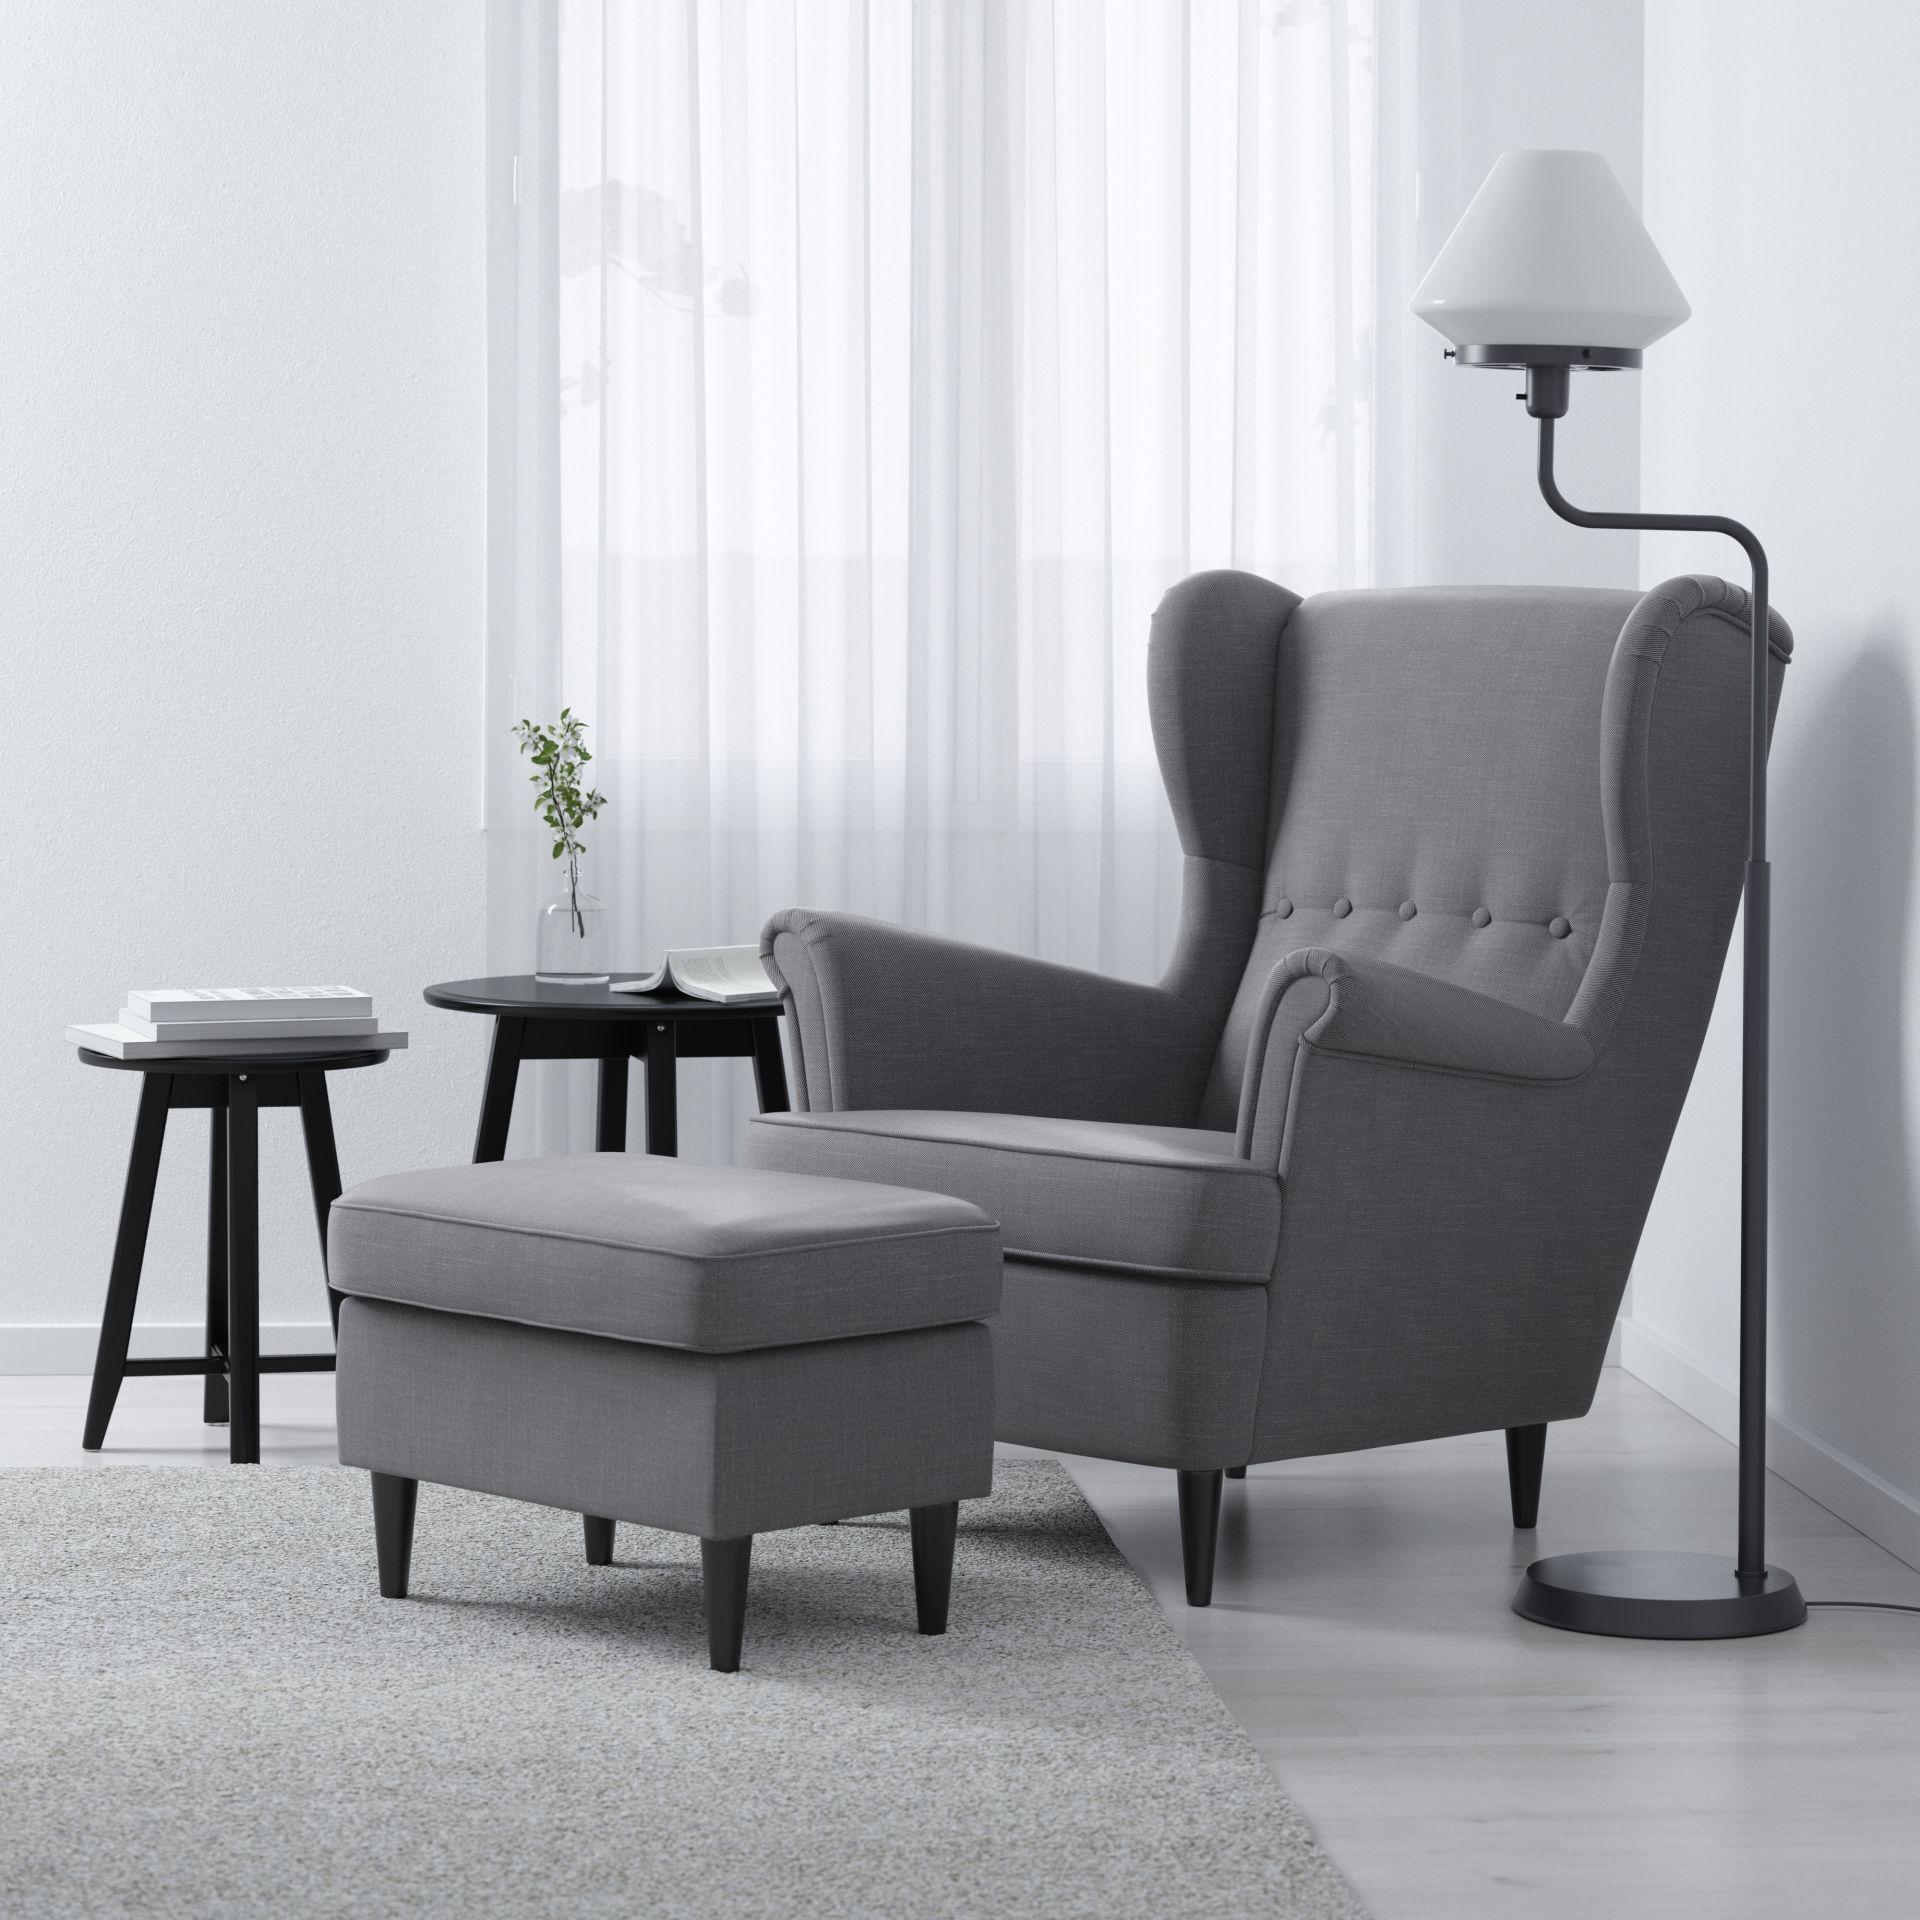 Strandmon Oorfauteuil Nordvalla Donkergrijs Ikea Ideeen Voor Een Kamer En Interieur